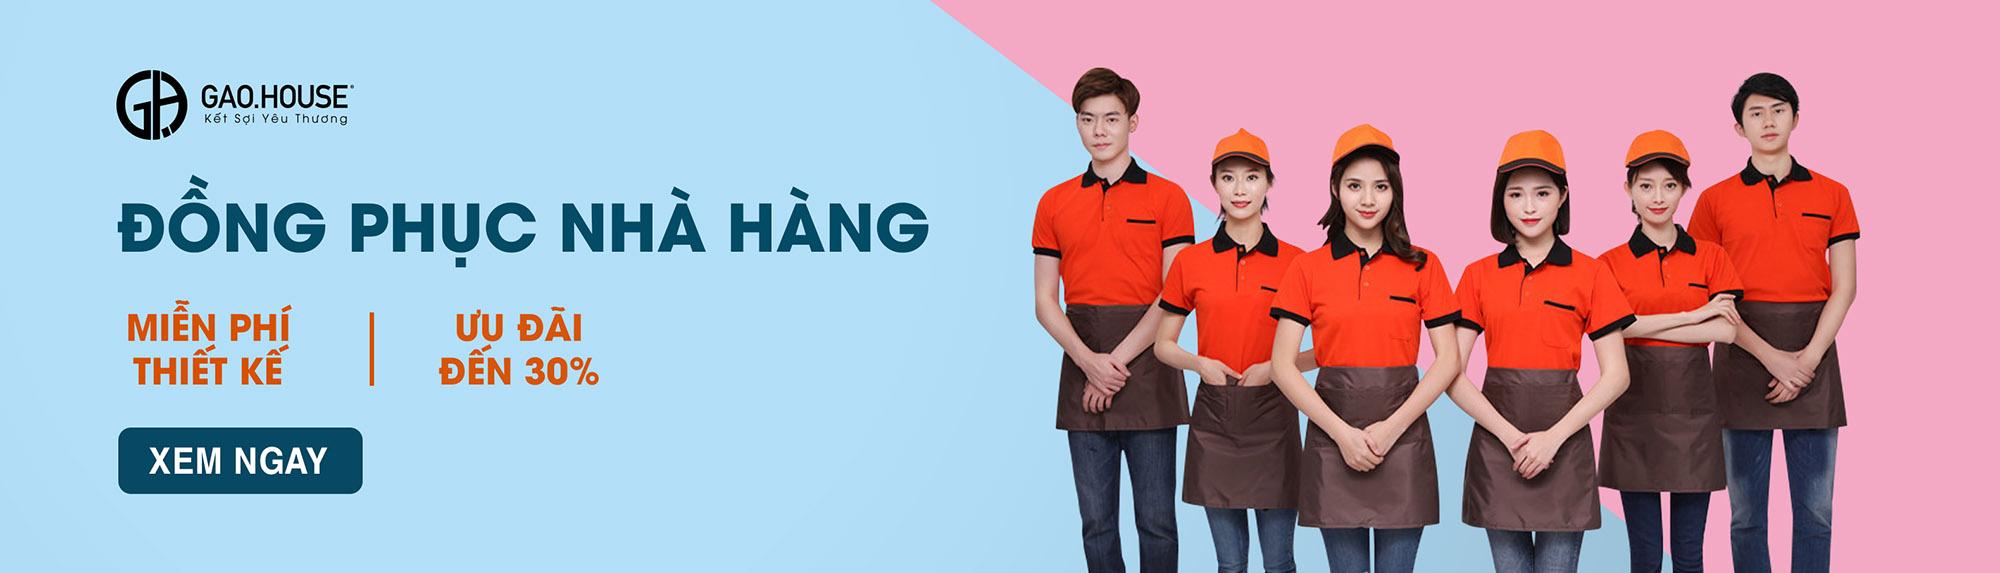 Banner đồng phục nhà hàng xưởng may gạo house